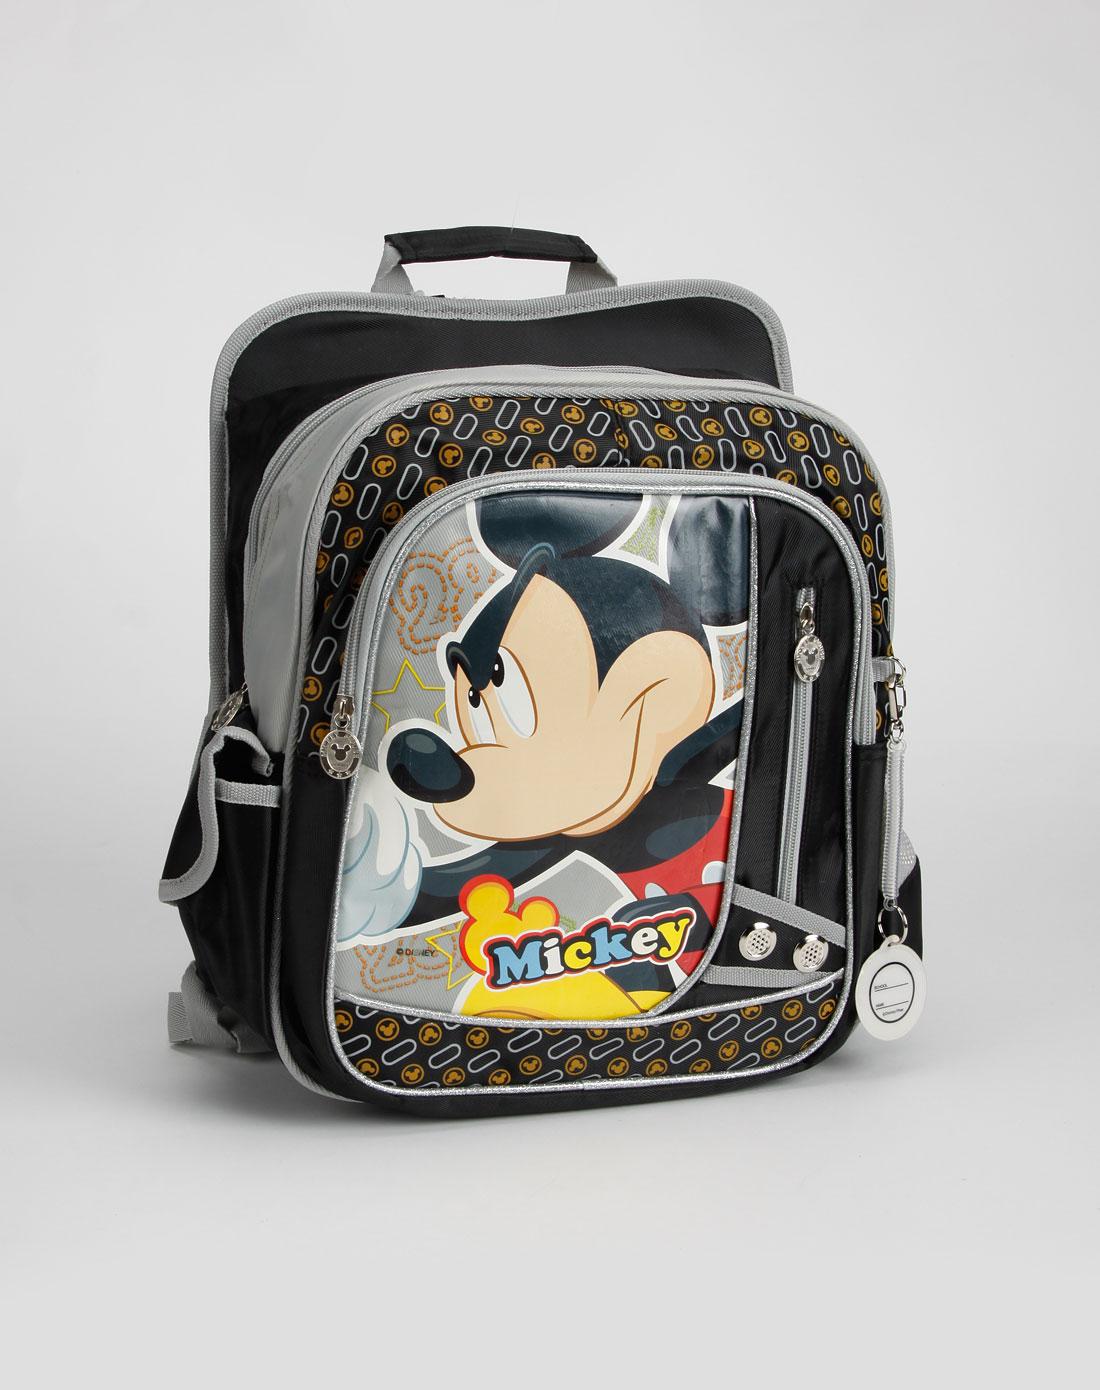 迪士尼disney-书包男童黑色米奇老鼠书包